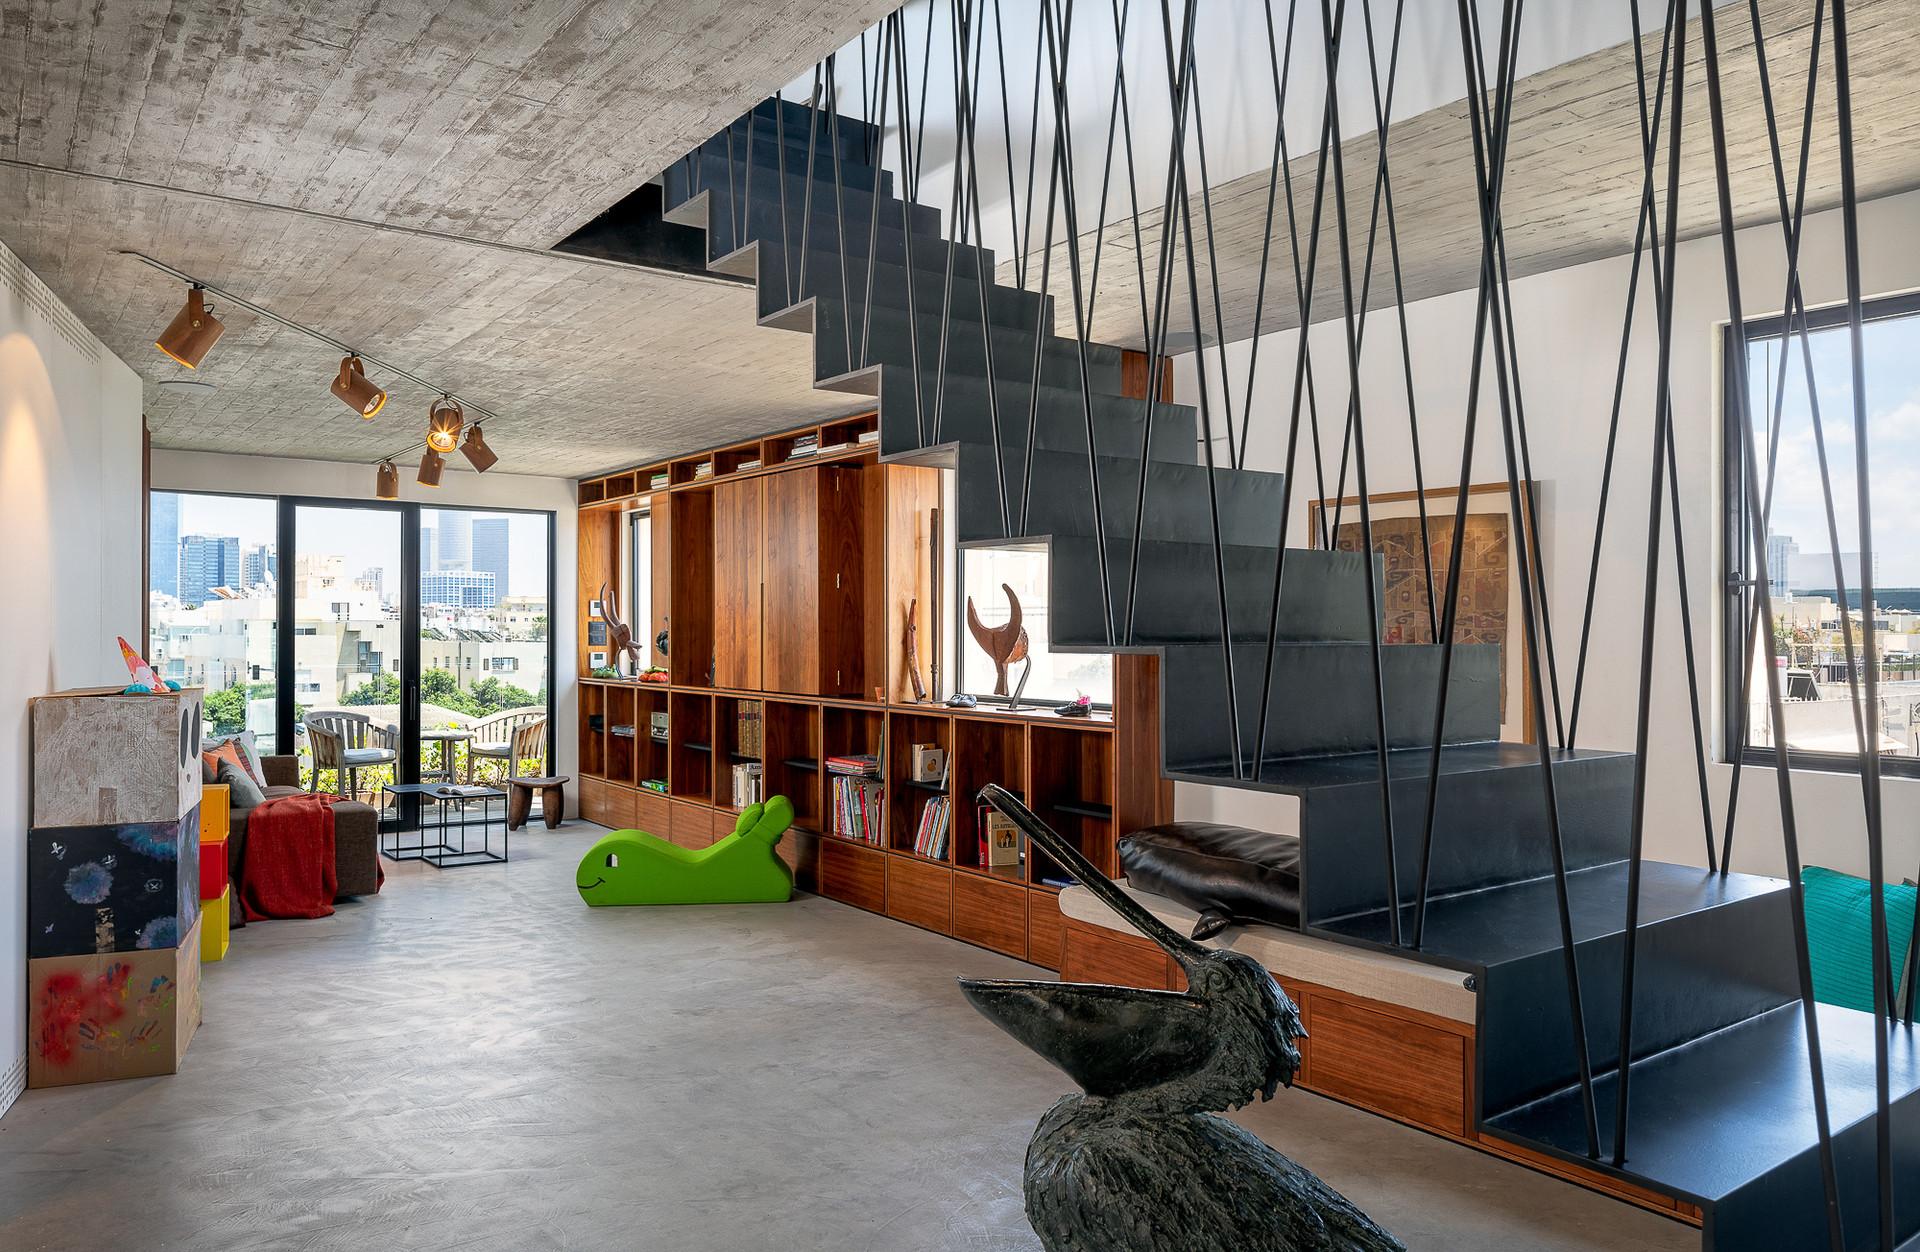 מקס קובלסקי - צילום אדריכלות ועיצוב פנים